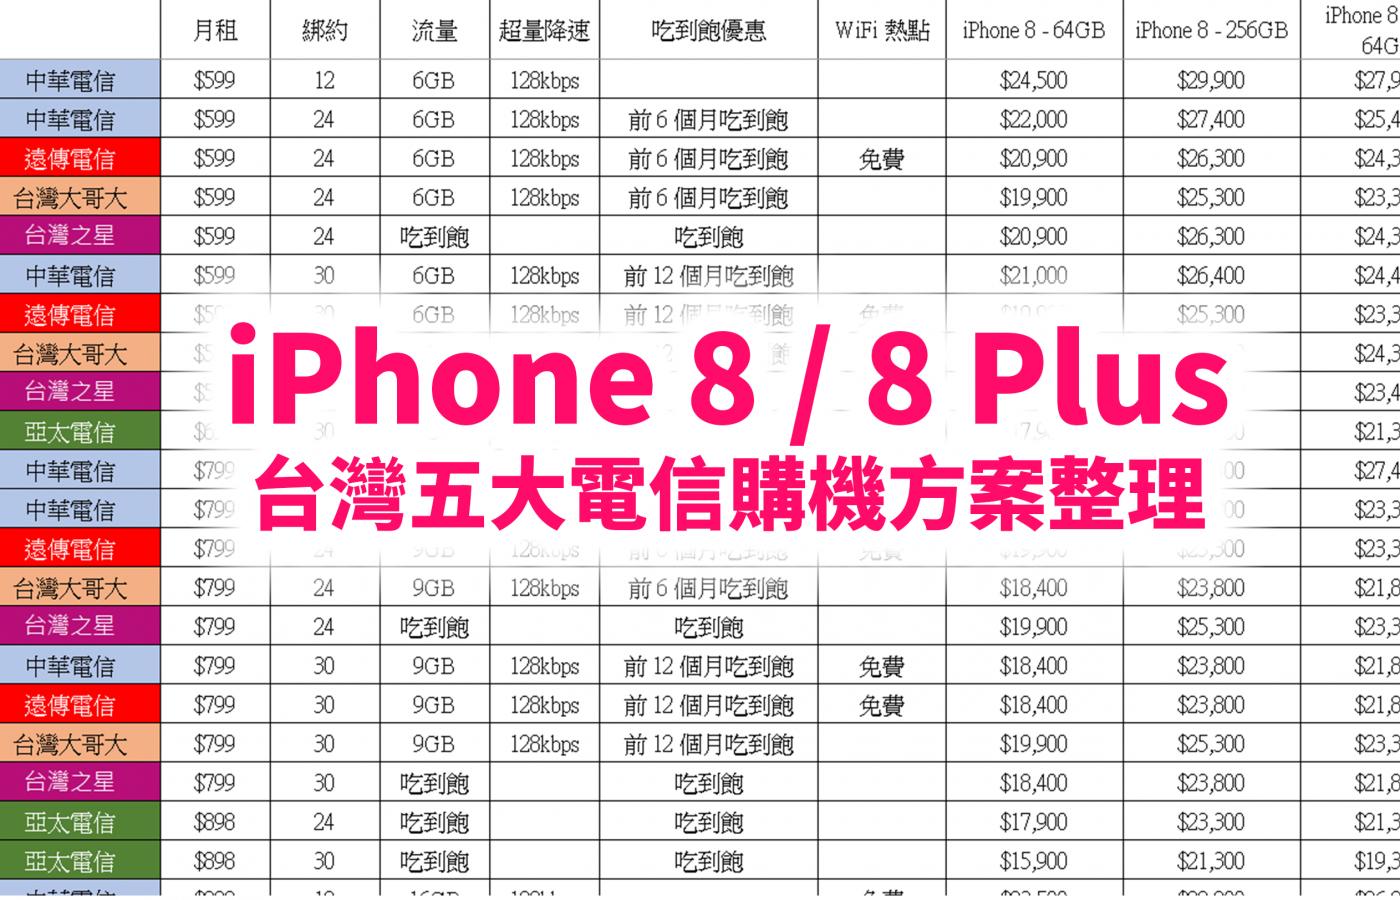 怎麼綁約買 iPhone 8 / 8 Plus ?看這裡就對了!電信資費彙整 (中華/遠傳/台哥大/亞太/台灣之星) 全價格整理 @3C 達人廖阿輝